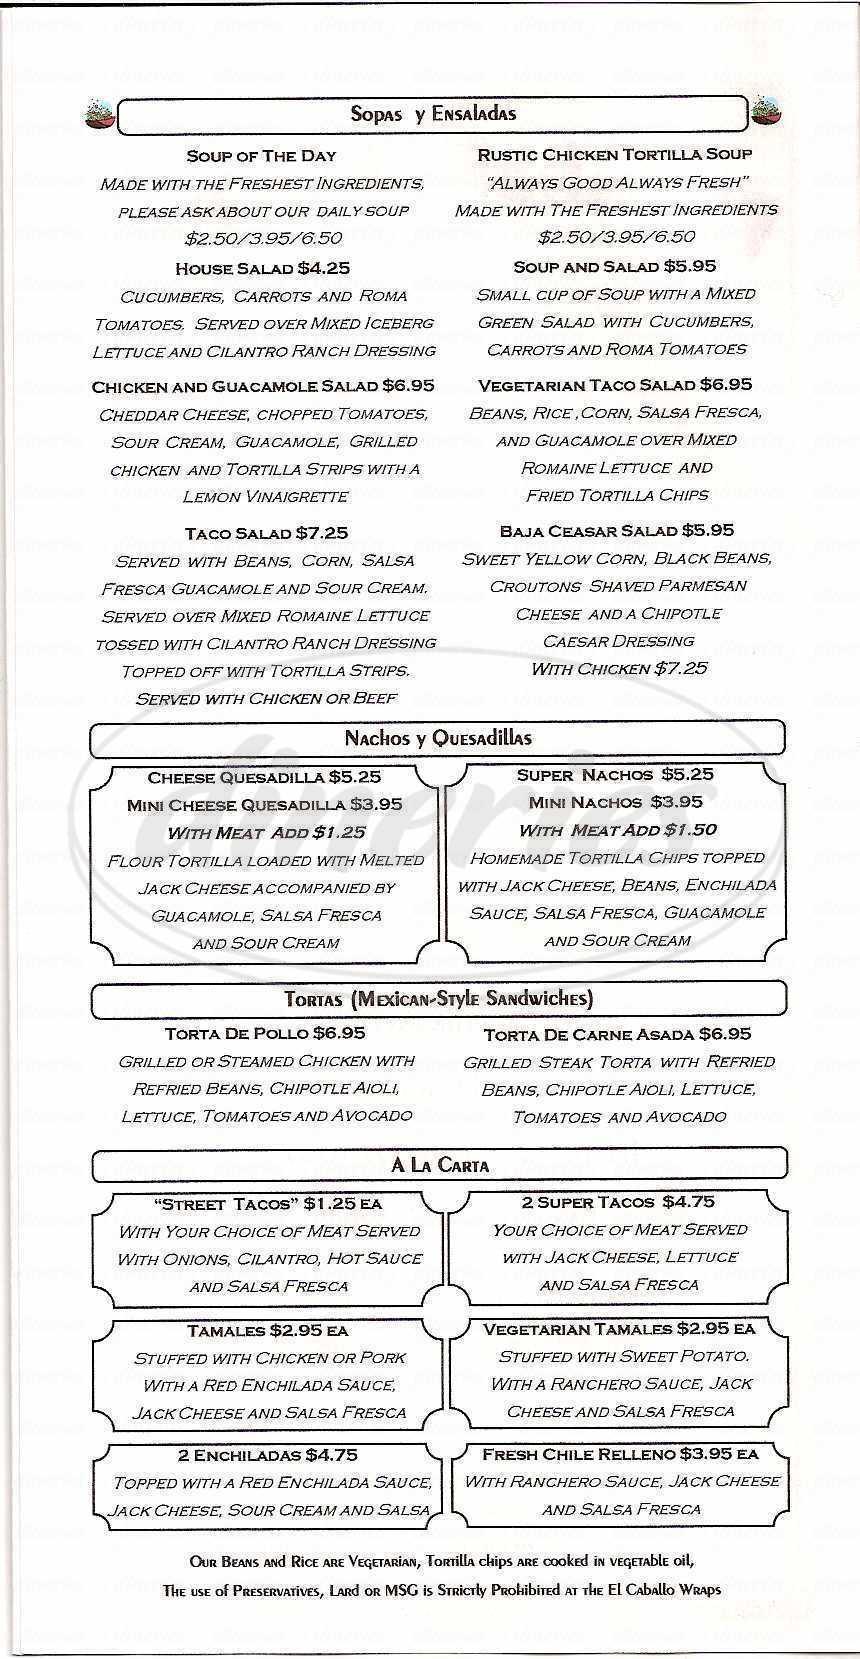 menu for El Caballo Wraps